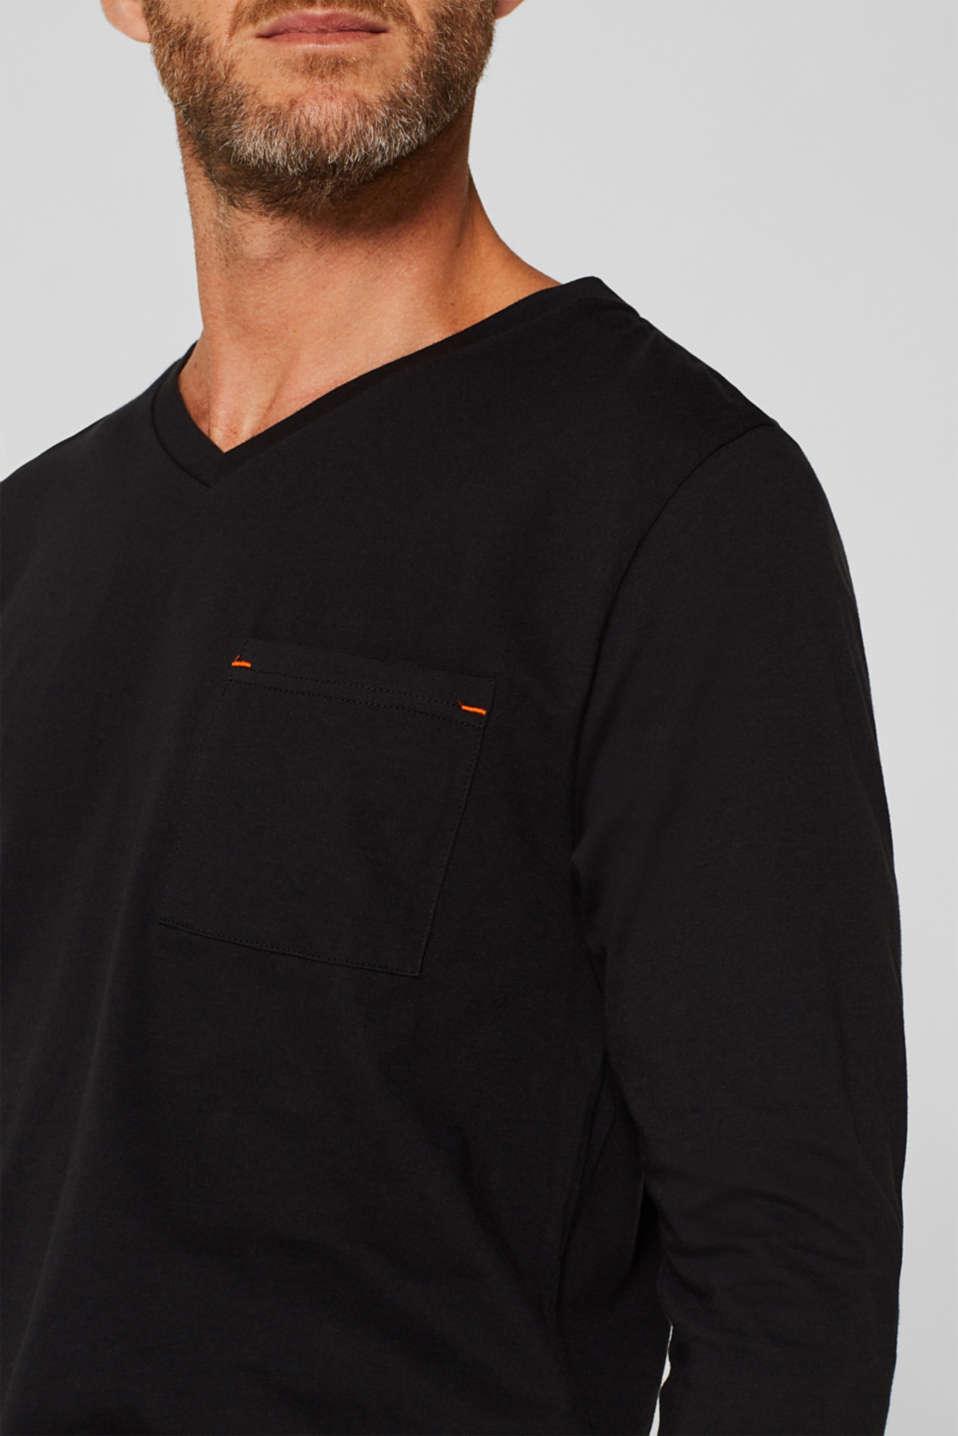 Printed jersey pyjamas, 100% cotton, BLACK, detail image number 3